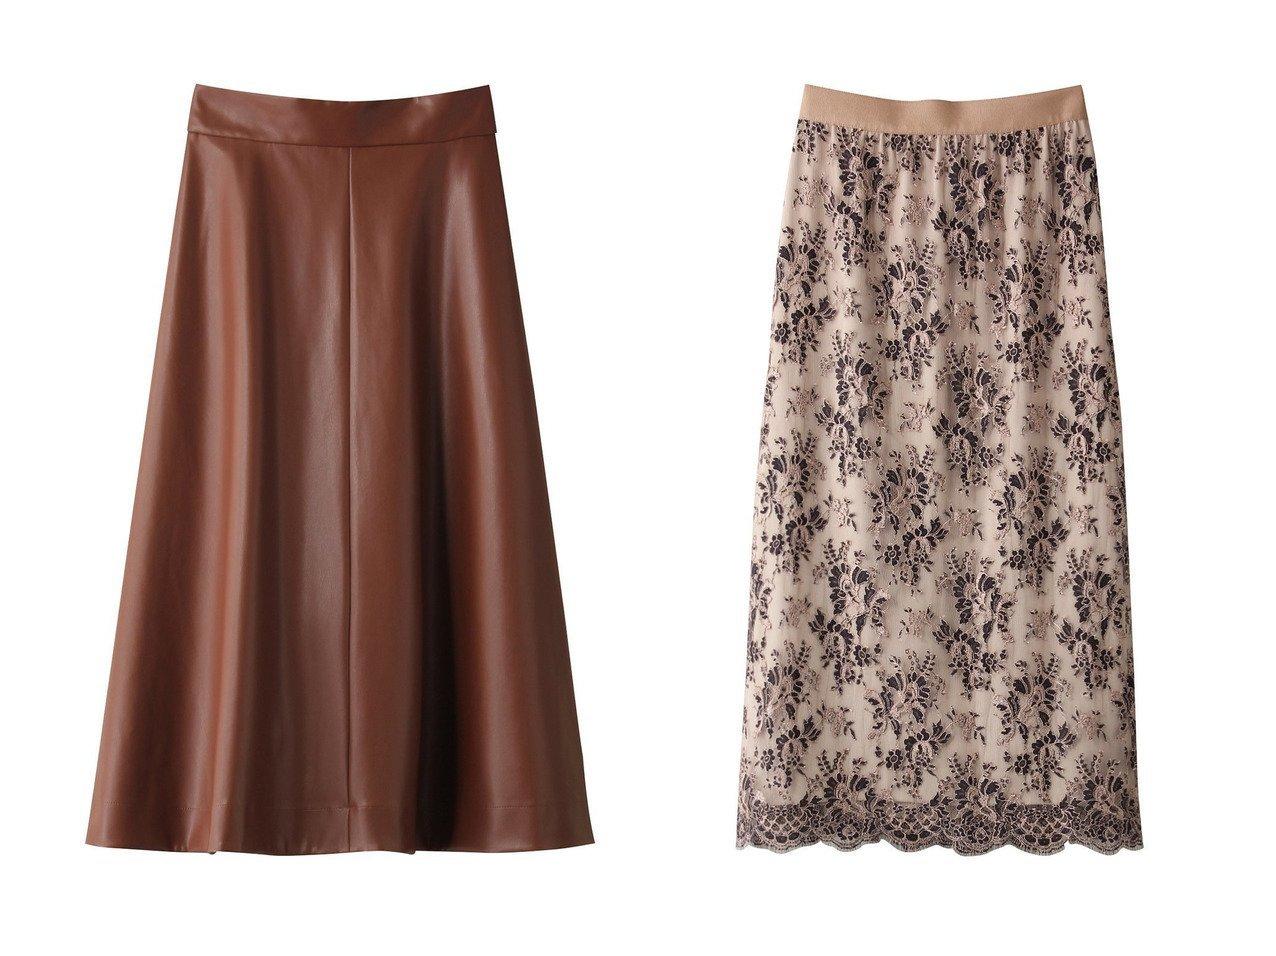 【ANAYI/アナイ】のフェイクレザーフレアスカート&フラワーリバーレースロングスカート スカートのおすすめ!人気、トレンド・レディースファッションの通販  おすすめで人気の流行・トレンド、ファッションの通販商品 メンズファッション・キッズファッション・インテリア・家具・レディースファッション・服の通販 founy(ファニー) https://founy.com/ ファッション Fashion レディースファッション WOMEN スカート Skirt Aライン/フレアスカート Flared A-Line Skirts ロングスカート Long Skirt トレンド フェイクレザー フレア ロング 今季 オケージョン フラワー レース |ID:crp329100000009762